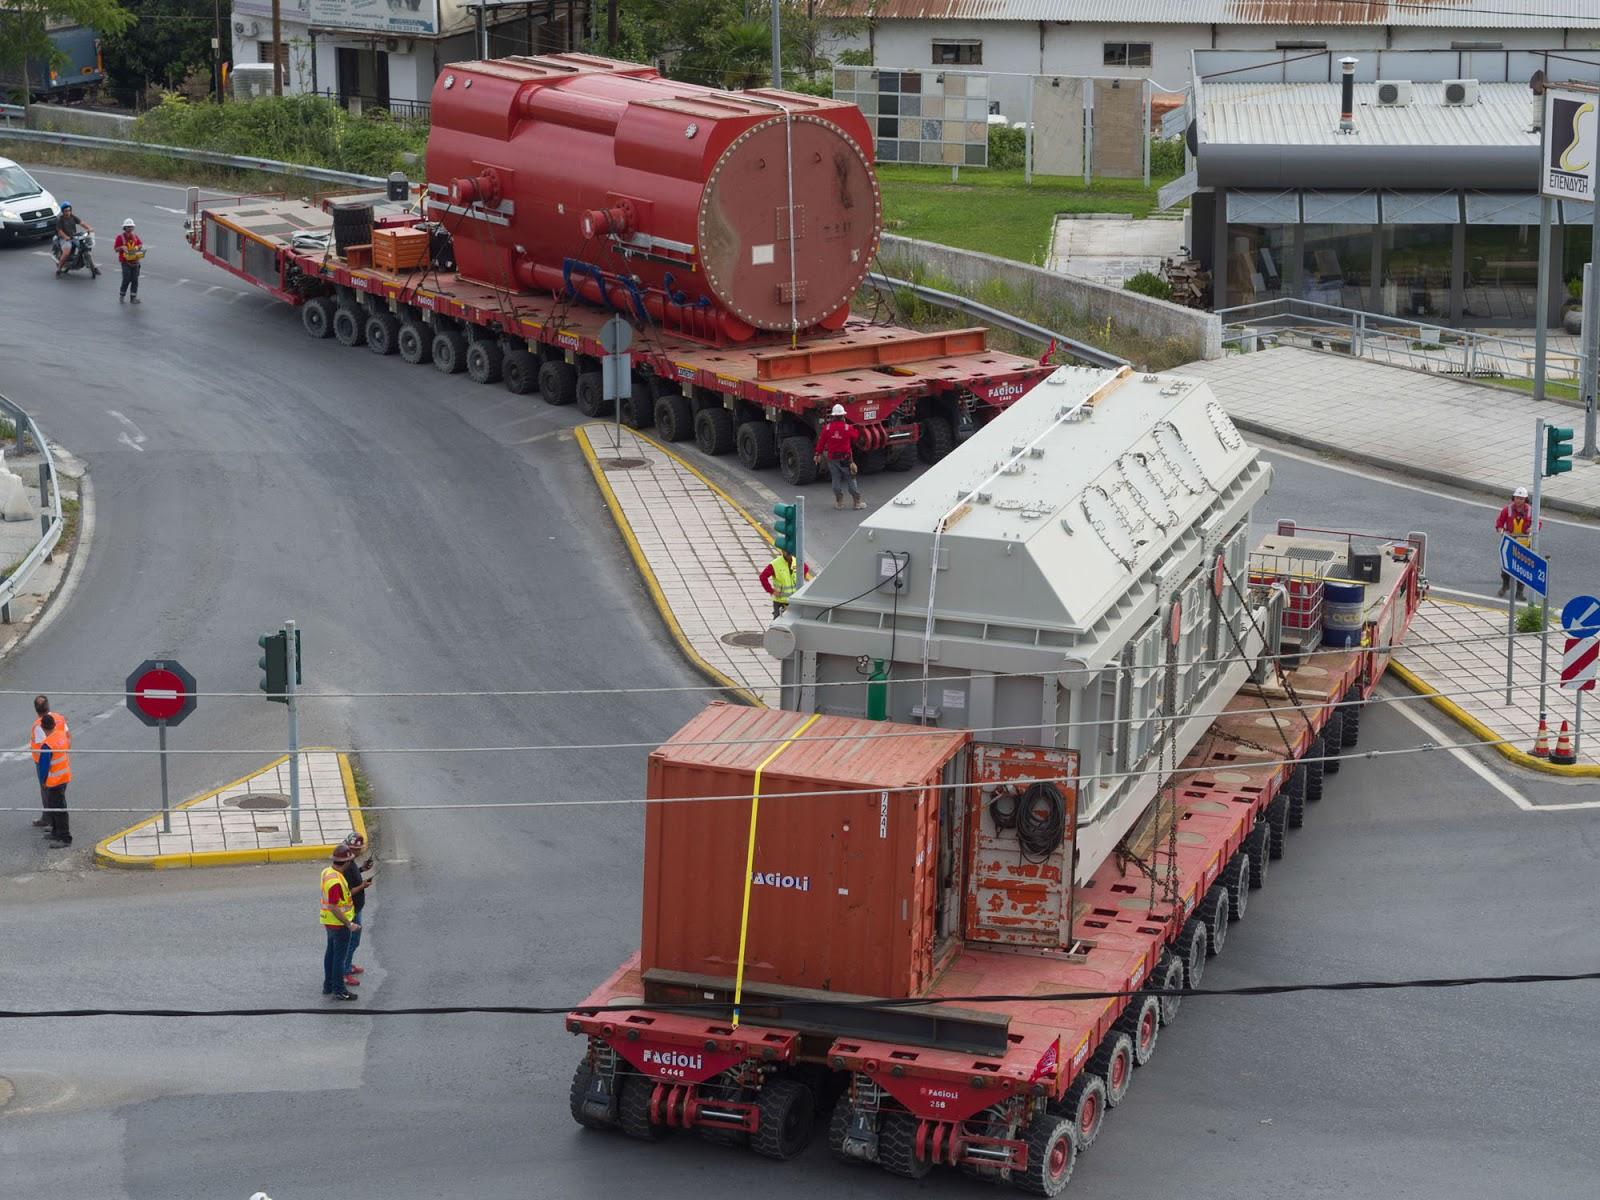 33b23f2921db Δείτε νέες φωτογραφίες και βίντεο από την ειδική συνδυασμένη μεταφορά του  κύριου μετασχηματιστή (βάρους 391 τόνων) και της κύριας γεννήτριας (βάρους  375 ...